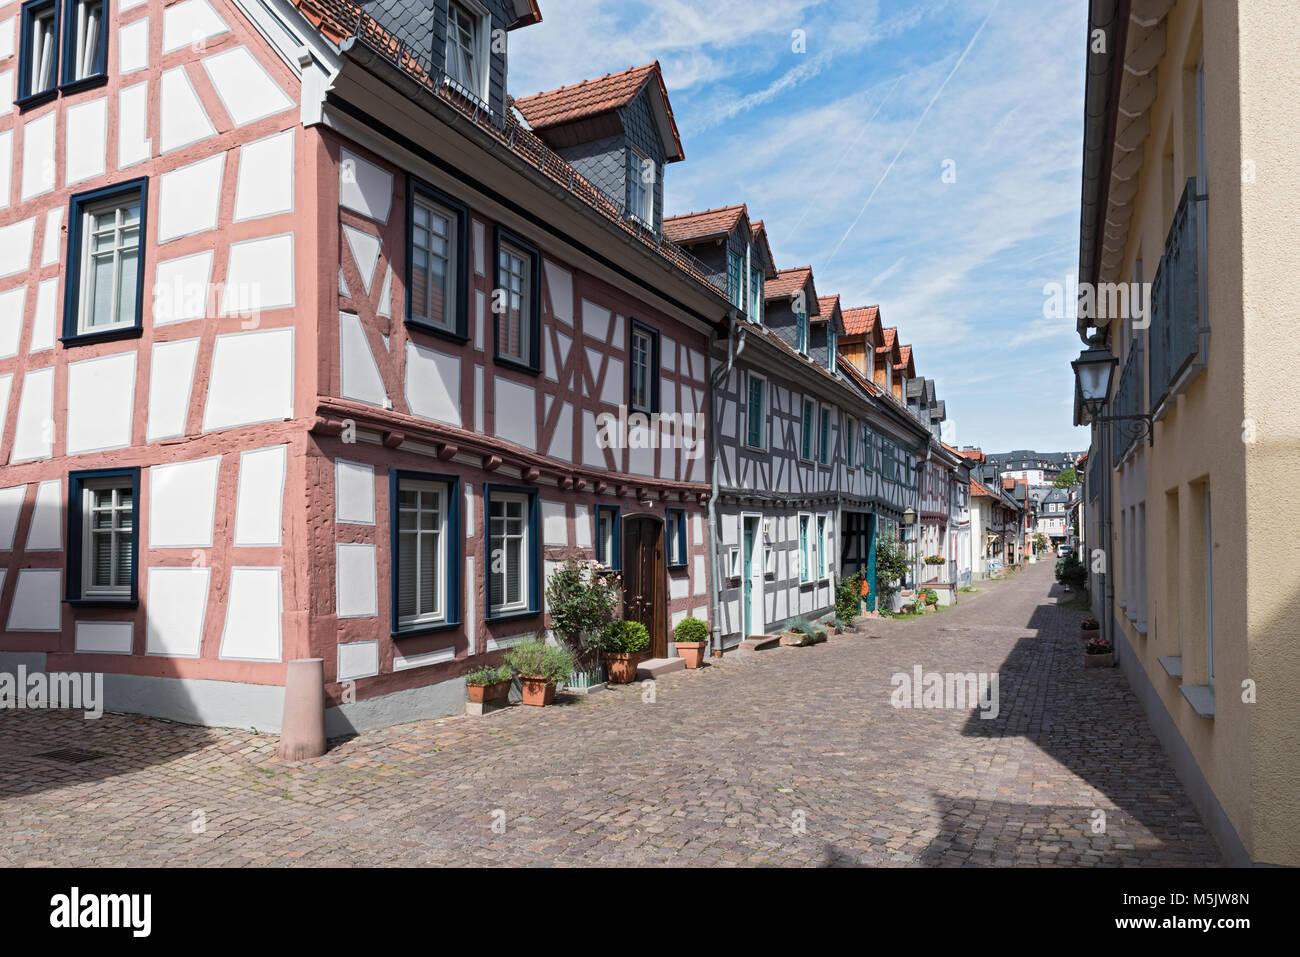 Petite ruelle avec maisons à colombages de la vieille ville de Idstein, Hesse, Allemagne Photo Stock